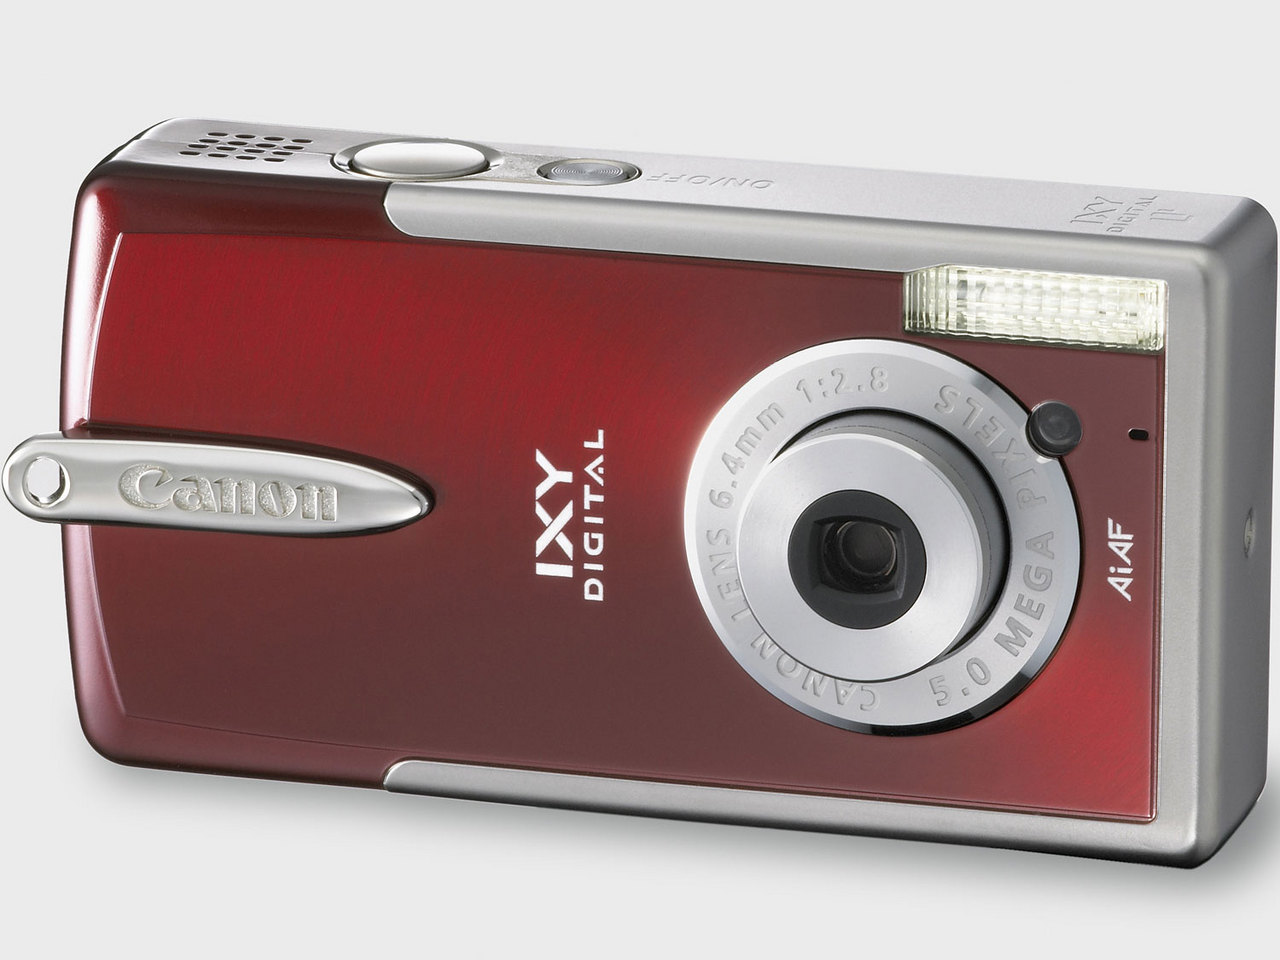 『本体 正面 スターガーネット』 IXY DIGITAL L2 の製品画像